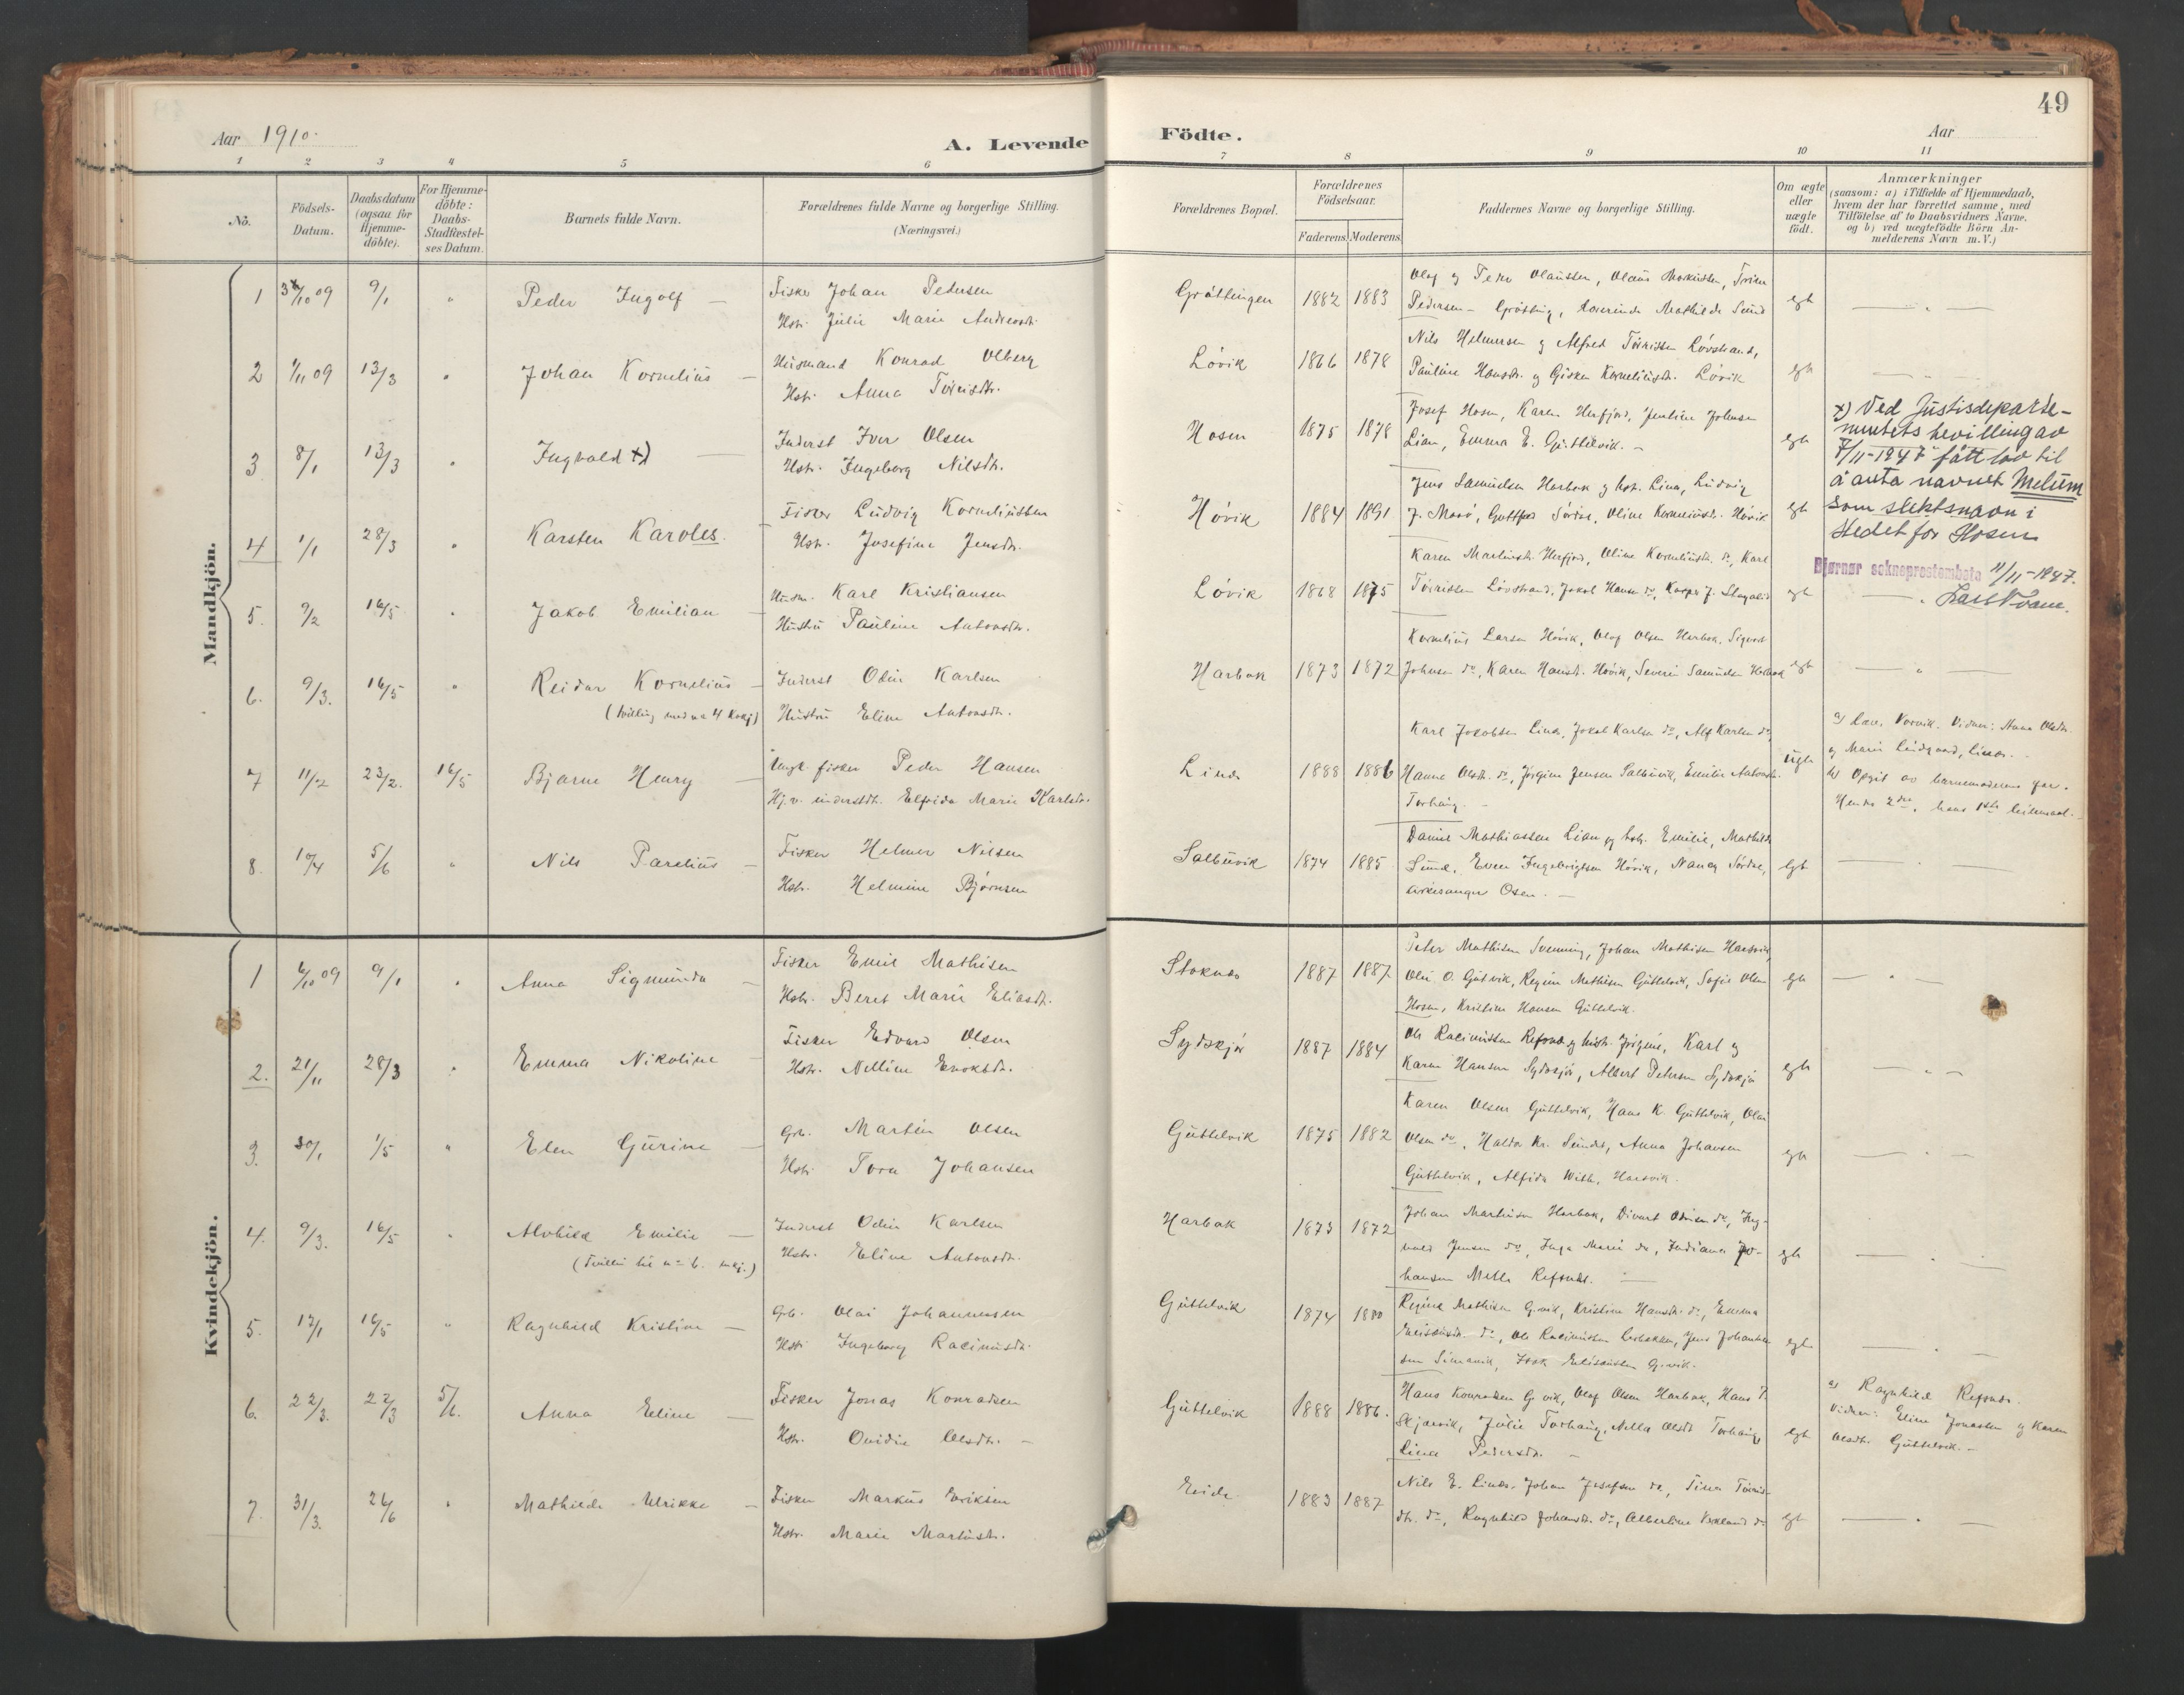 SAT, Ministerialprotokoller, klokkerbøker og fødselsregistre - Sør-Trøndelag, 656/L0693: Ministerialbok nr. 656A02, 1894-1913, s. 49